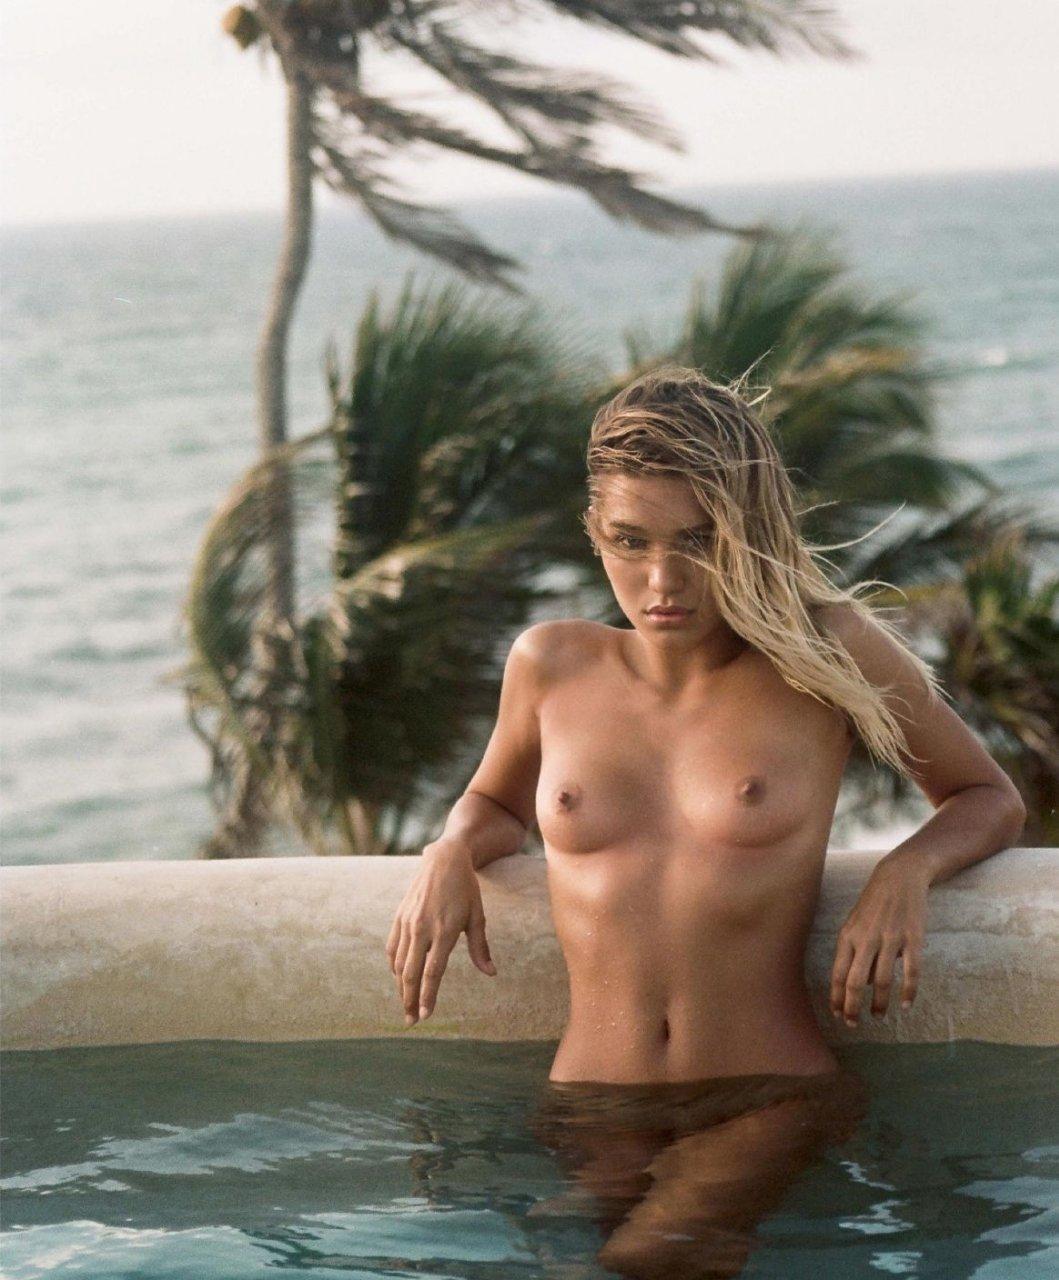 Cristiano ronaldo sex photos